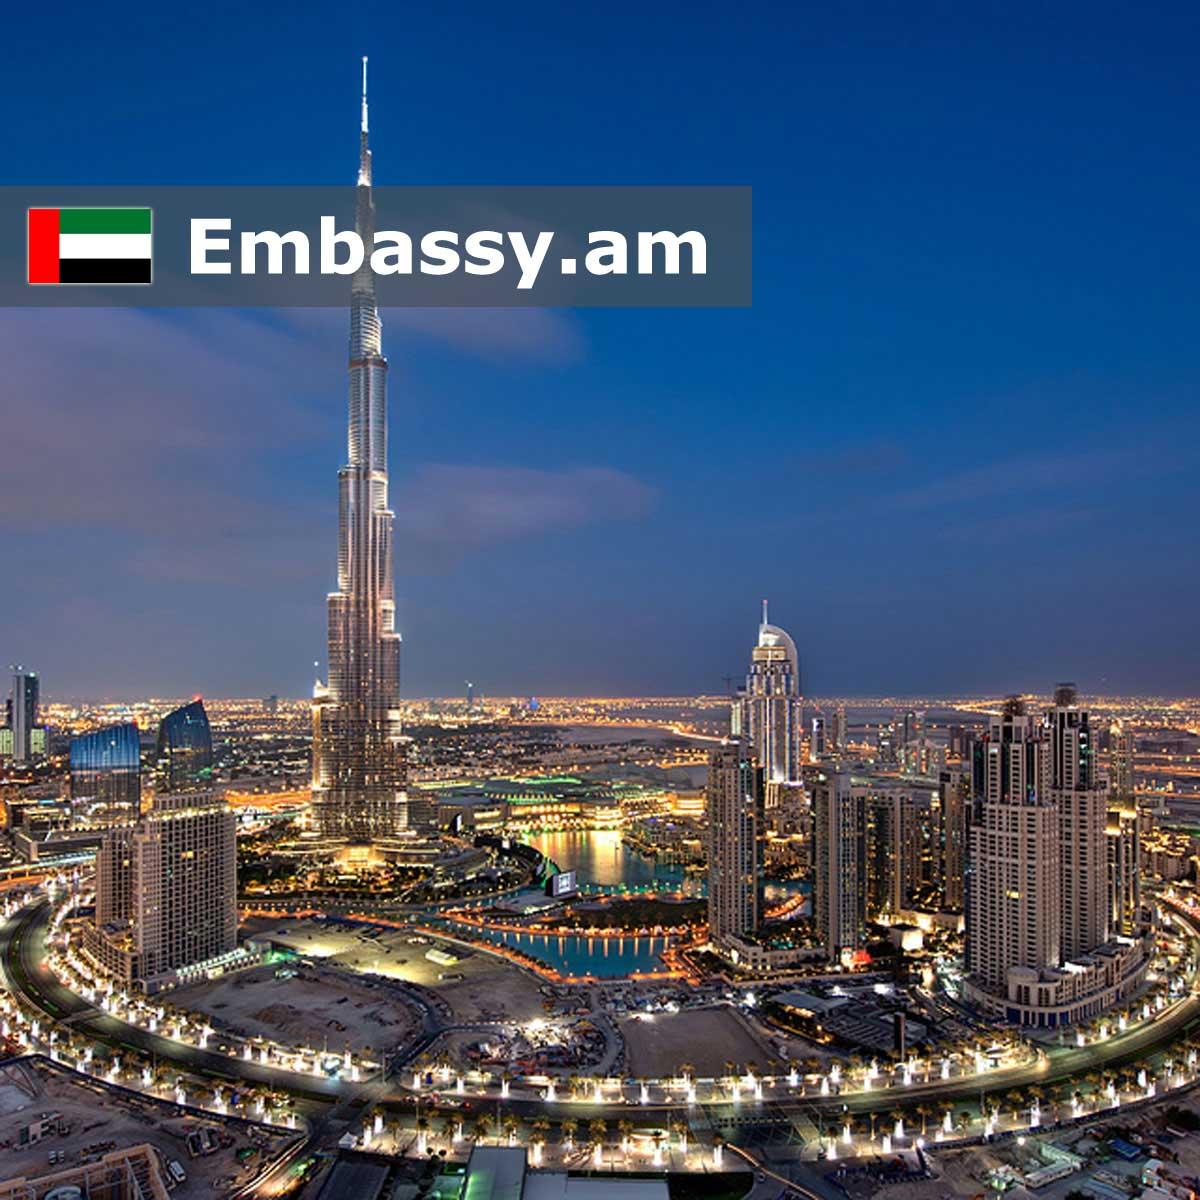 Отели в  ОАЭ - Embassy.am